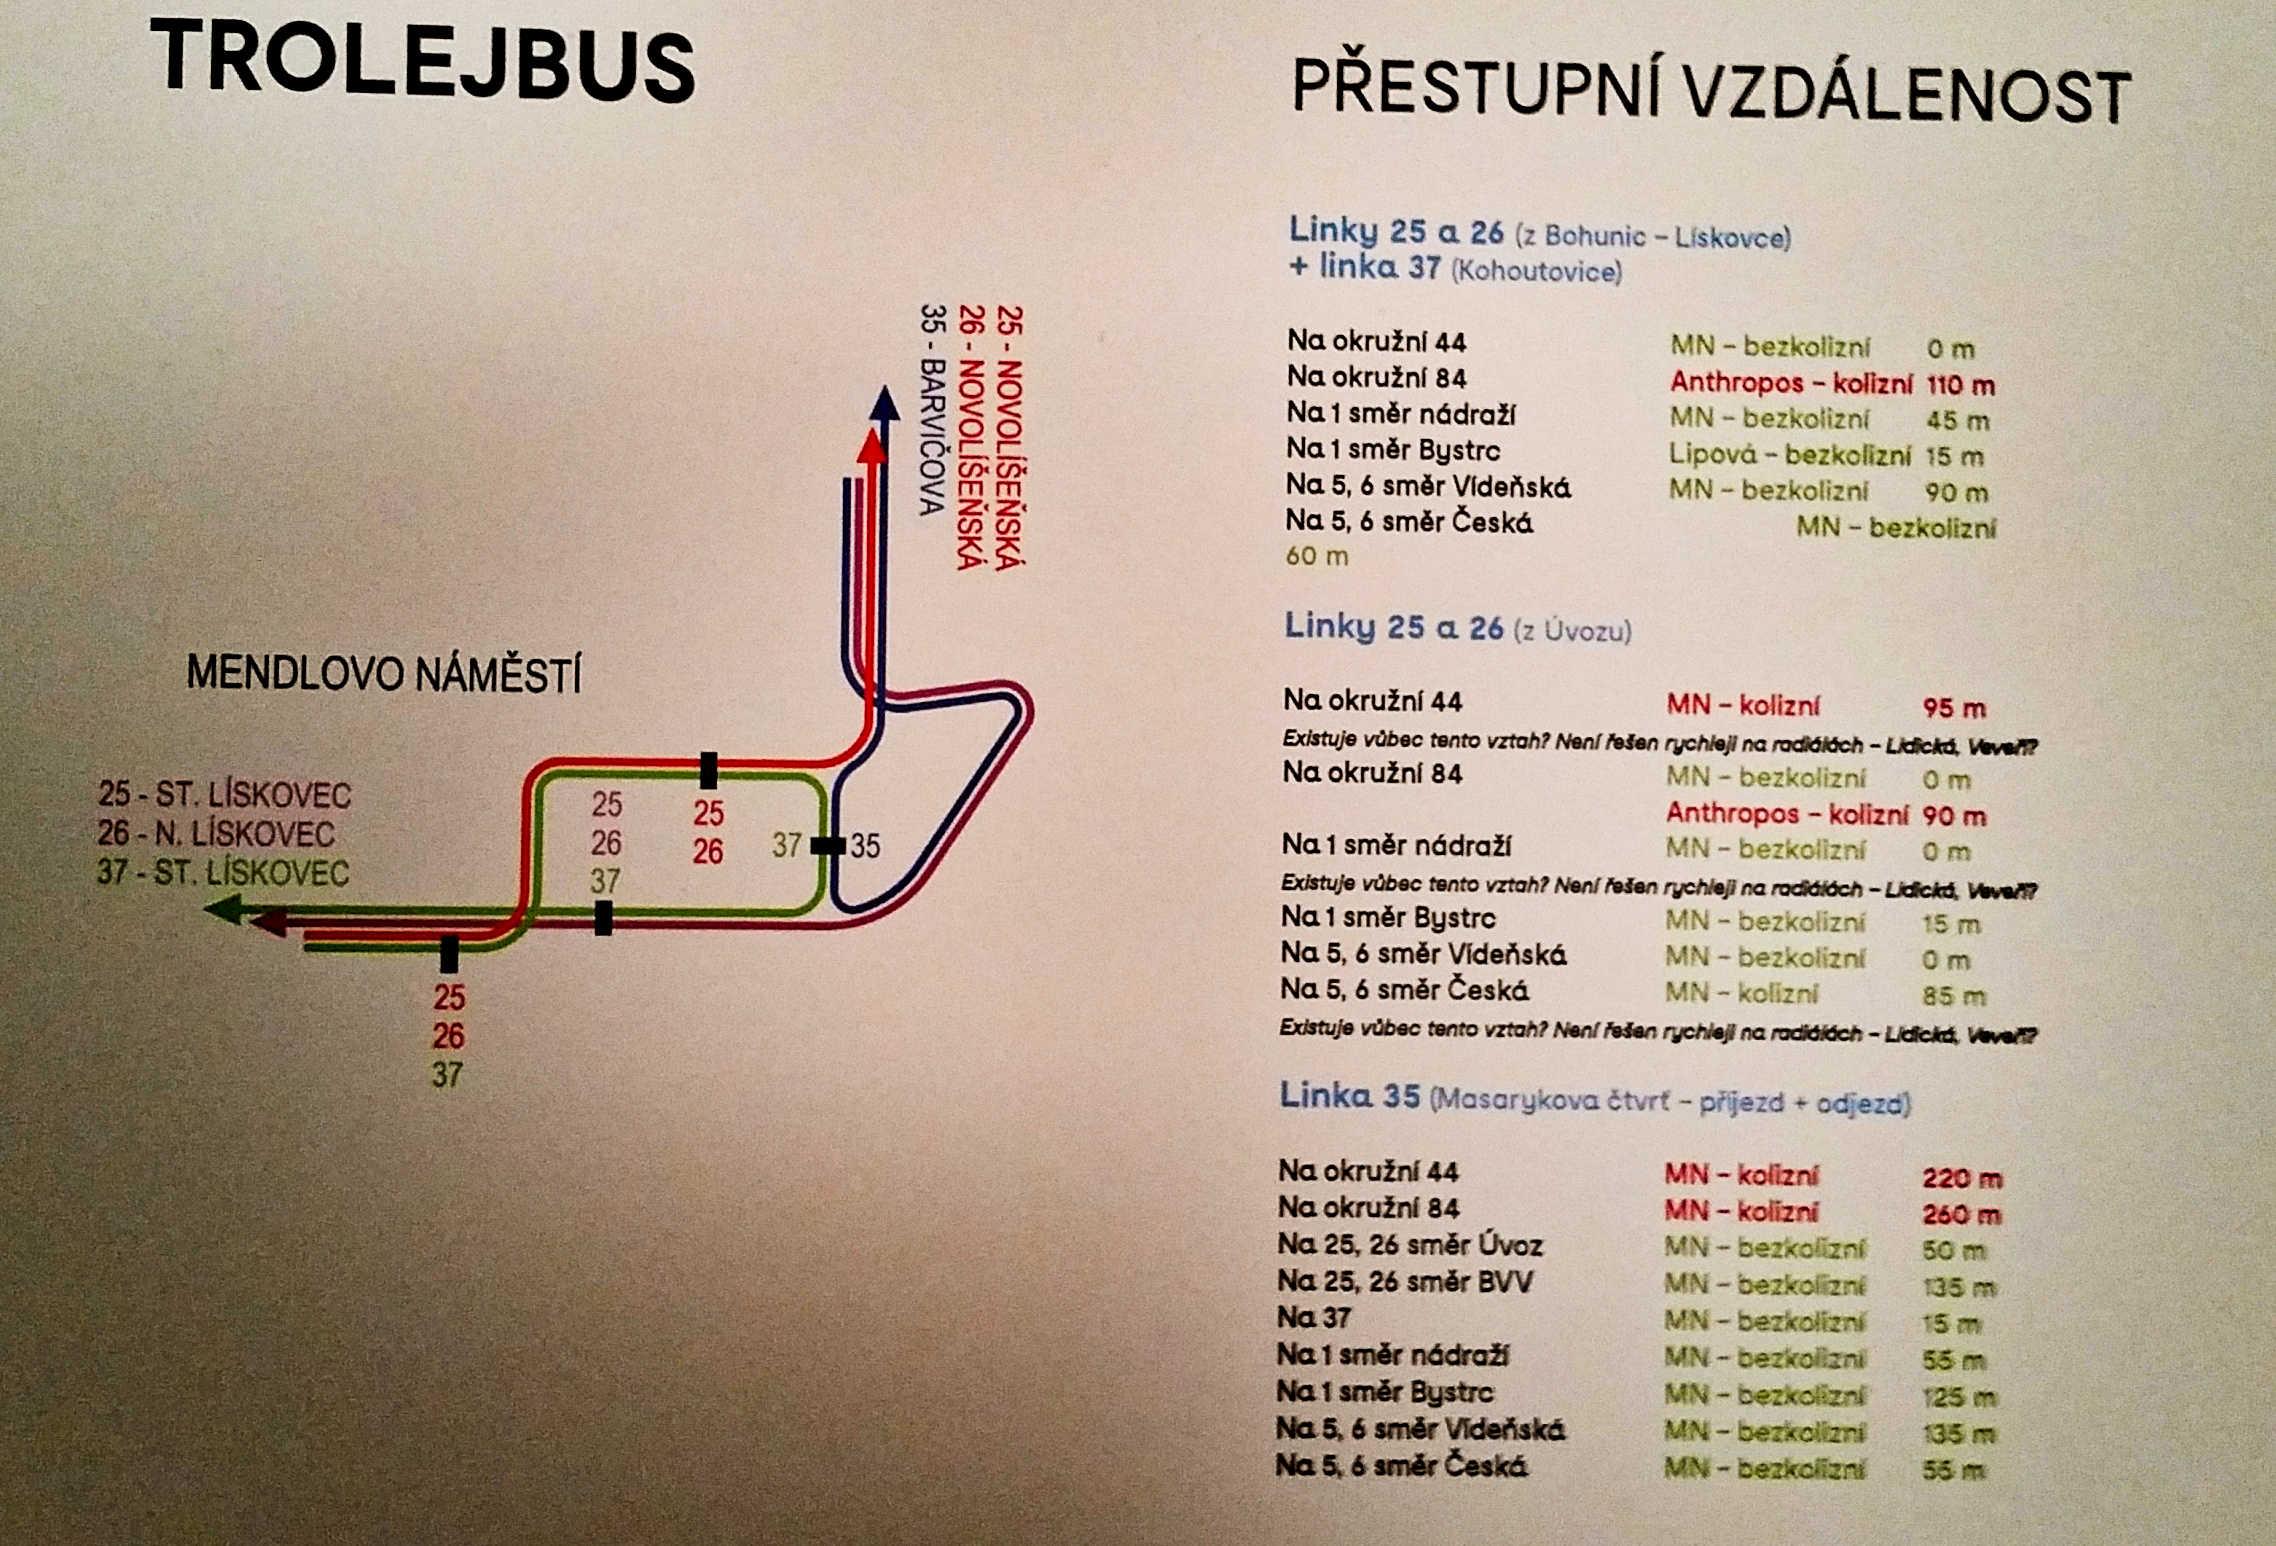 Mendlovo náměstí - trolejbusy-schéma